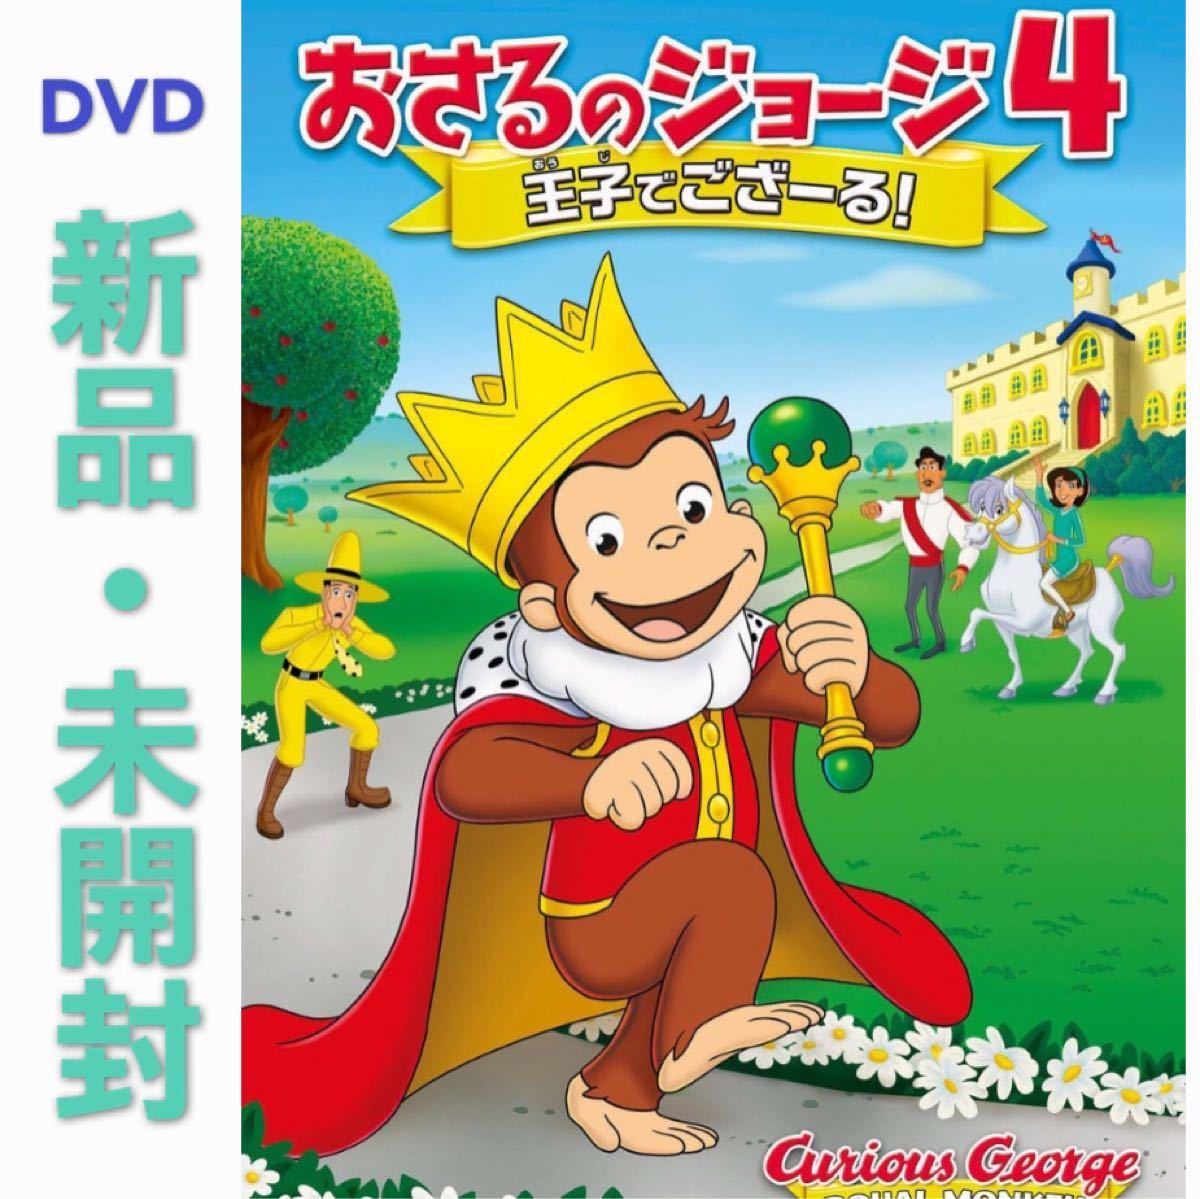 DVD 劇場版 おさるのジョージ4/王子でござーる! 新品・未開封